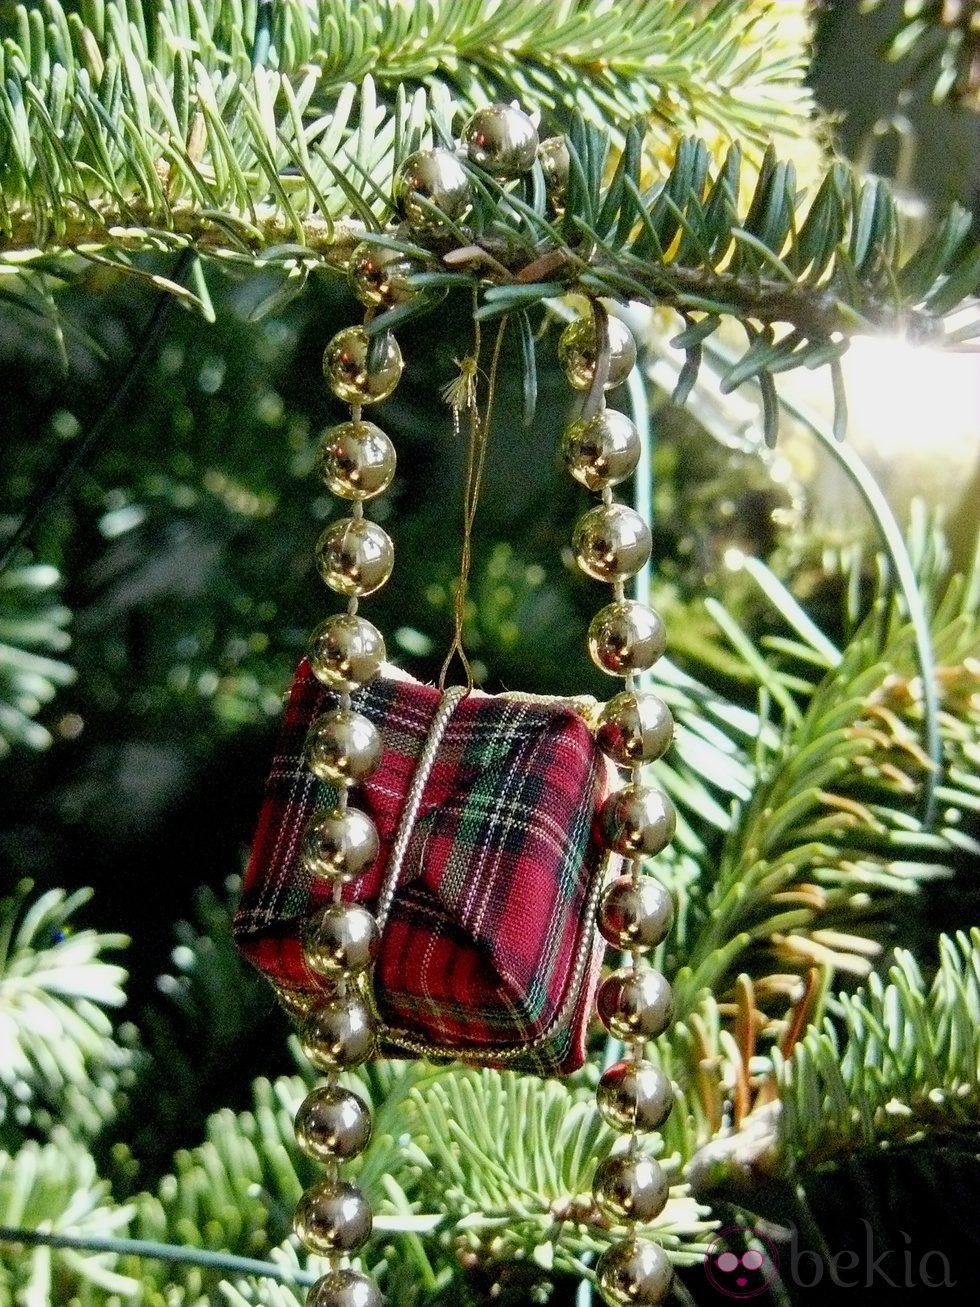 Rbol de navidad decorado con un collar dorado y regalitos - Arbol de navidad dorado ...